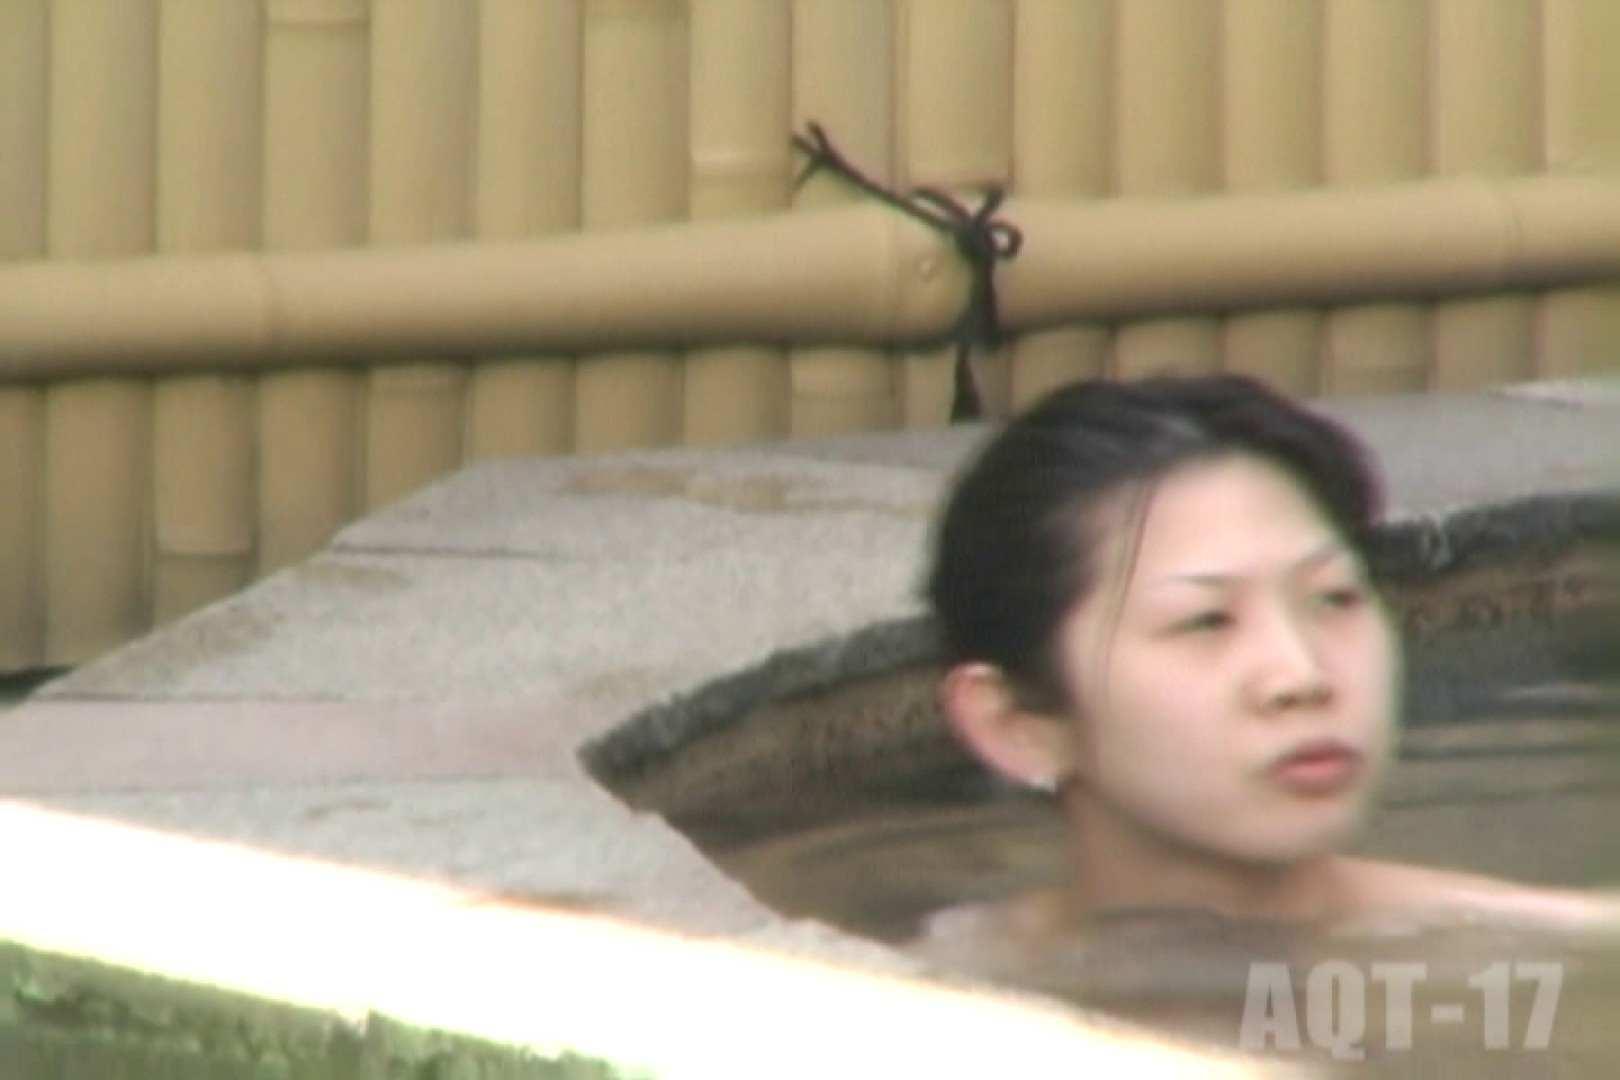 Aquaな露天風呂Vol.850 盗撮 | OLすけべ画像  38連発 31